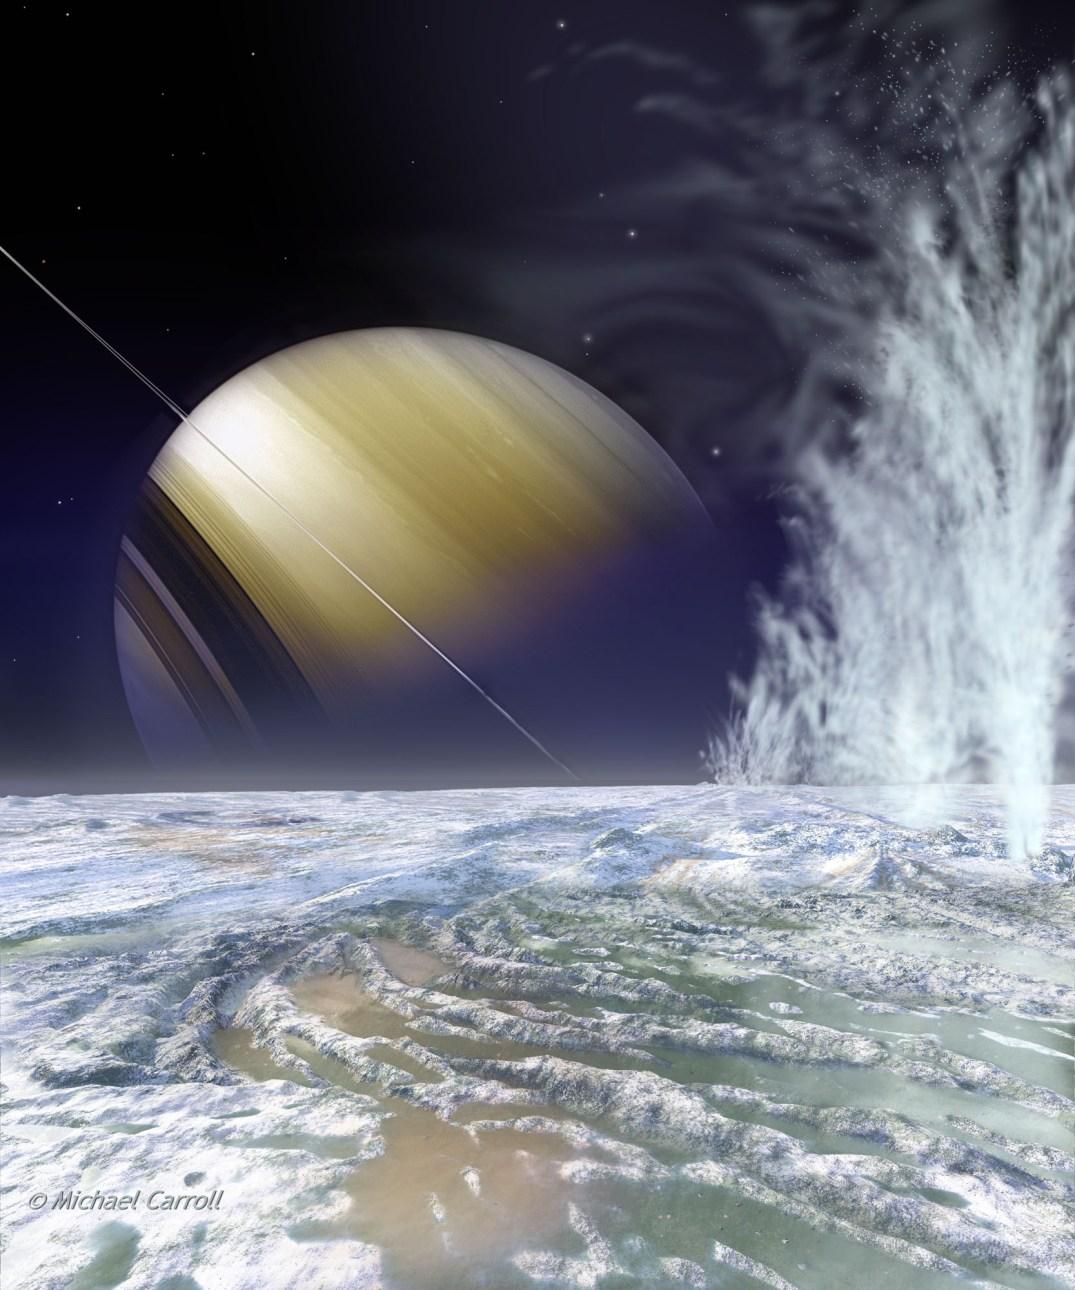 http://i2.wp.com/eternosaprendizes.com/wp-content/uploads/2008/10/enceladus-por-michael-carroll.jpg?resize=1075%2C1290